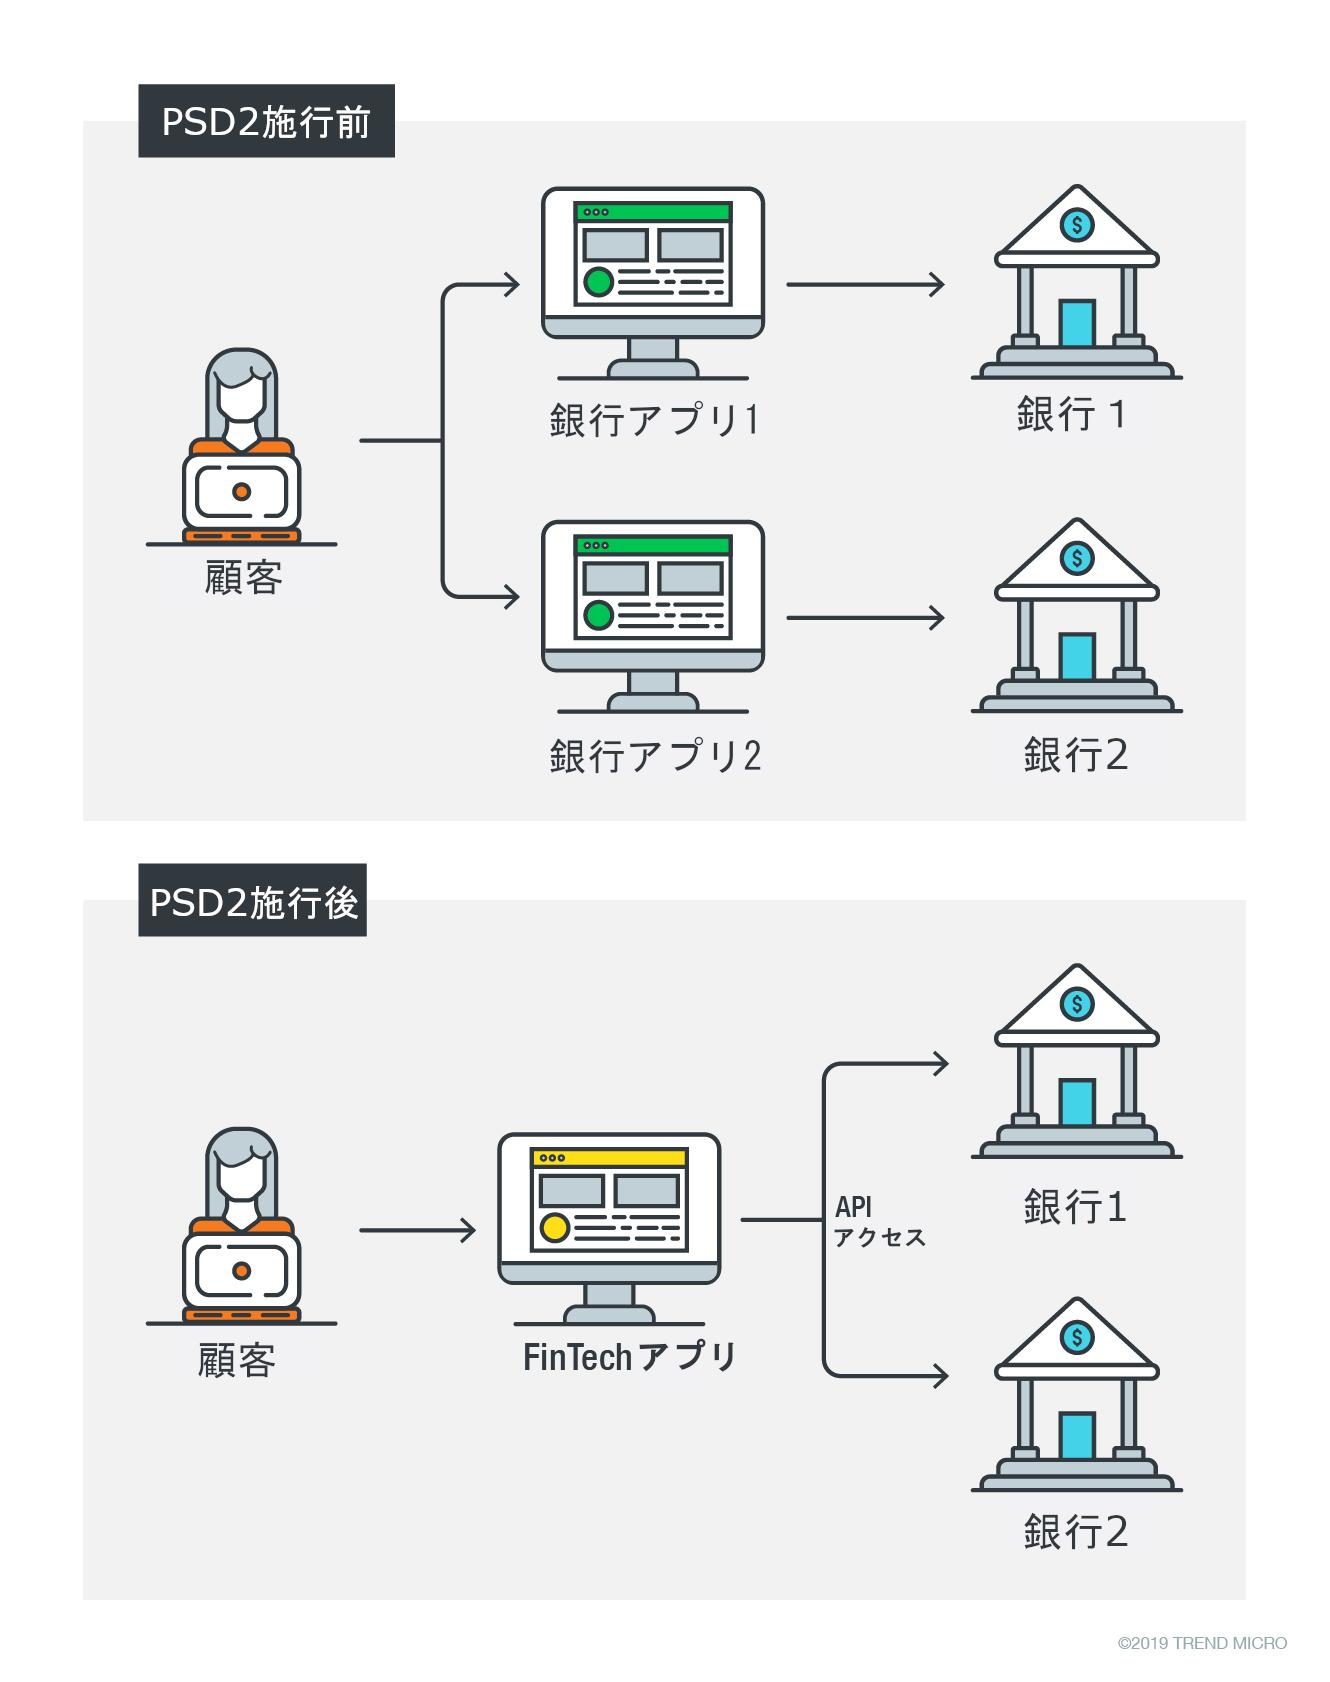 図1:PSD2の施行に伴い、フィンテック企業は複数の銀行と連携し、銀行から提供される顧客データを集約した新しいアプリを立ち上げる